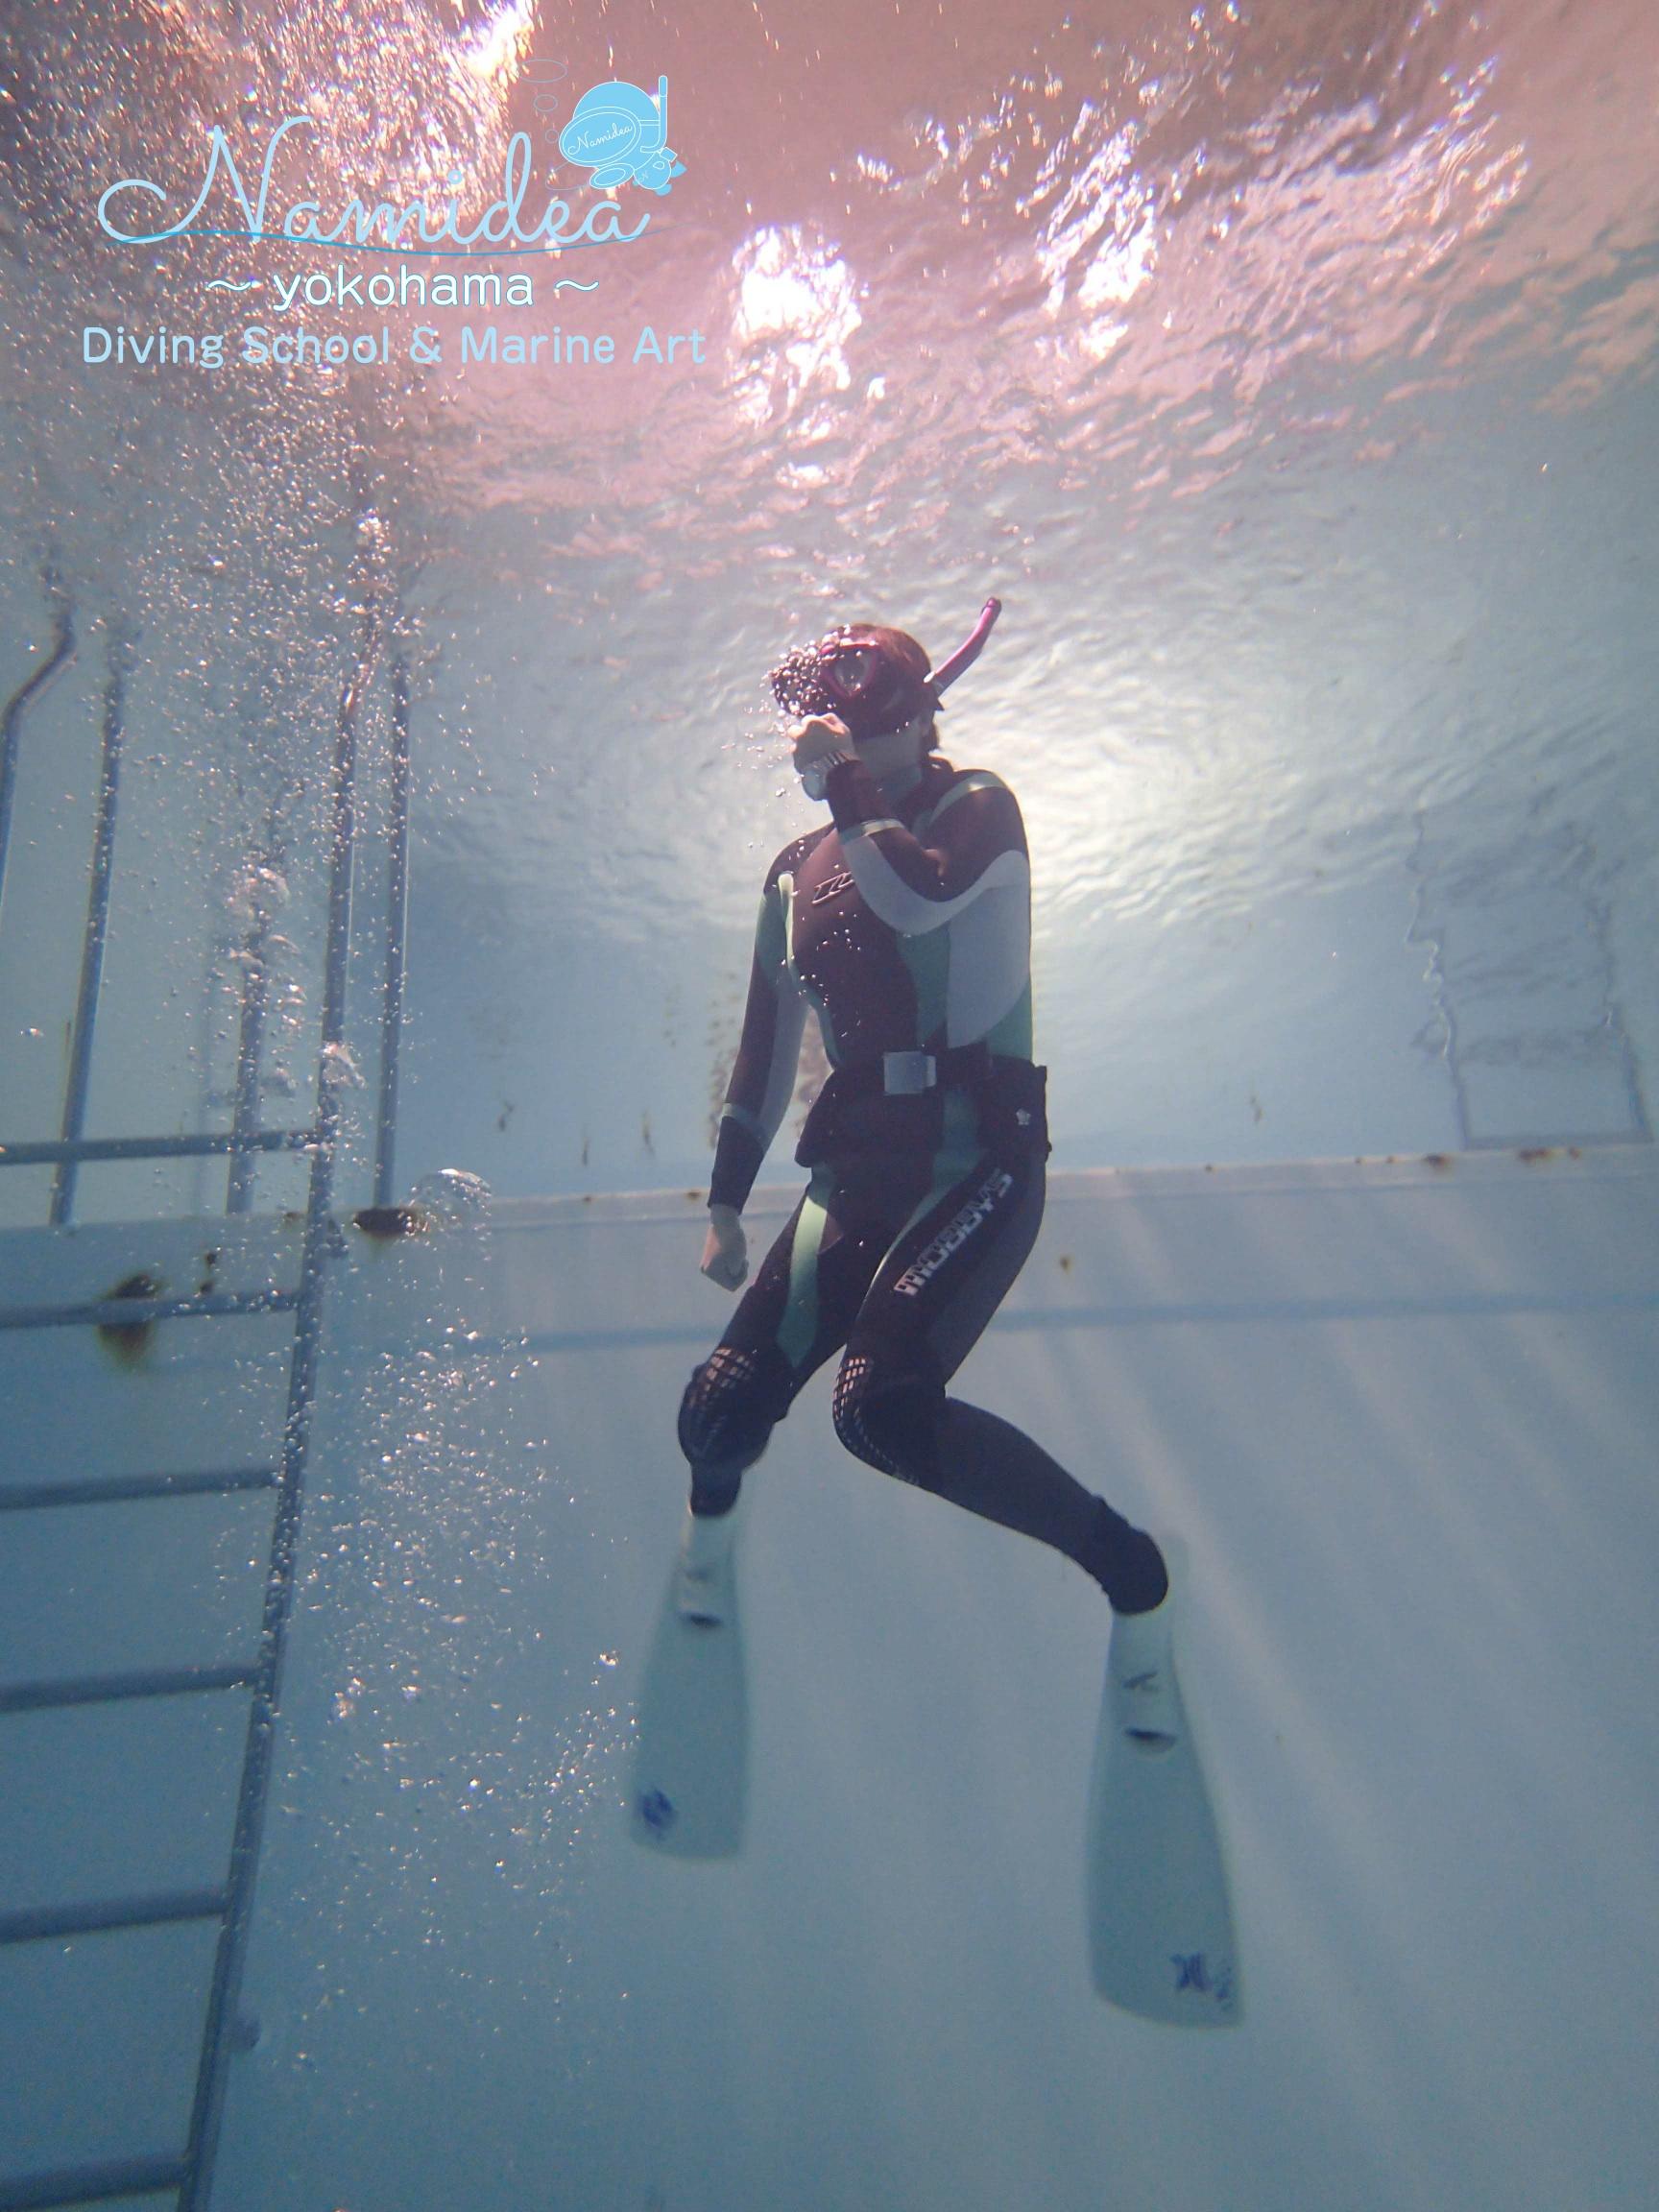 プールでOW(オープンウォーターダイバー)講習とドルフィンスイム練習